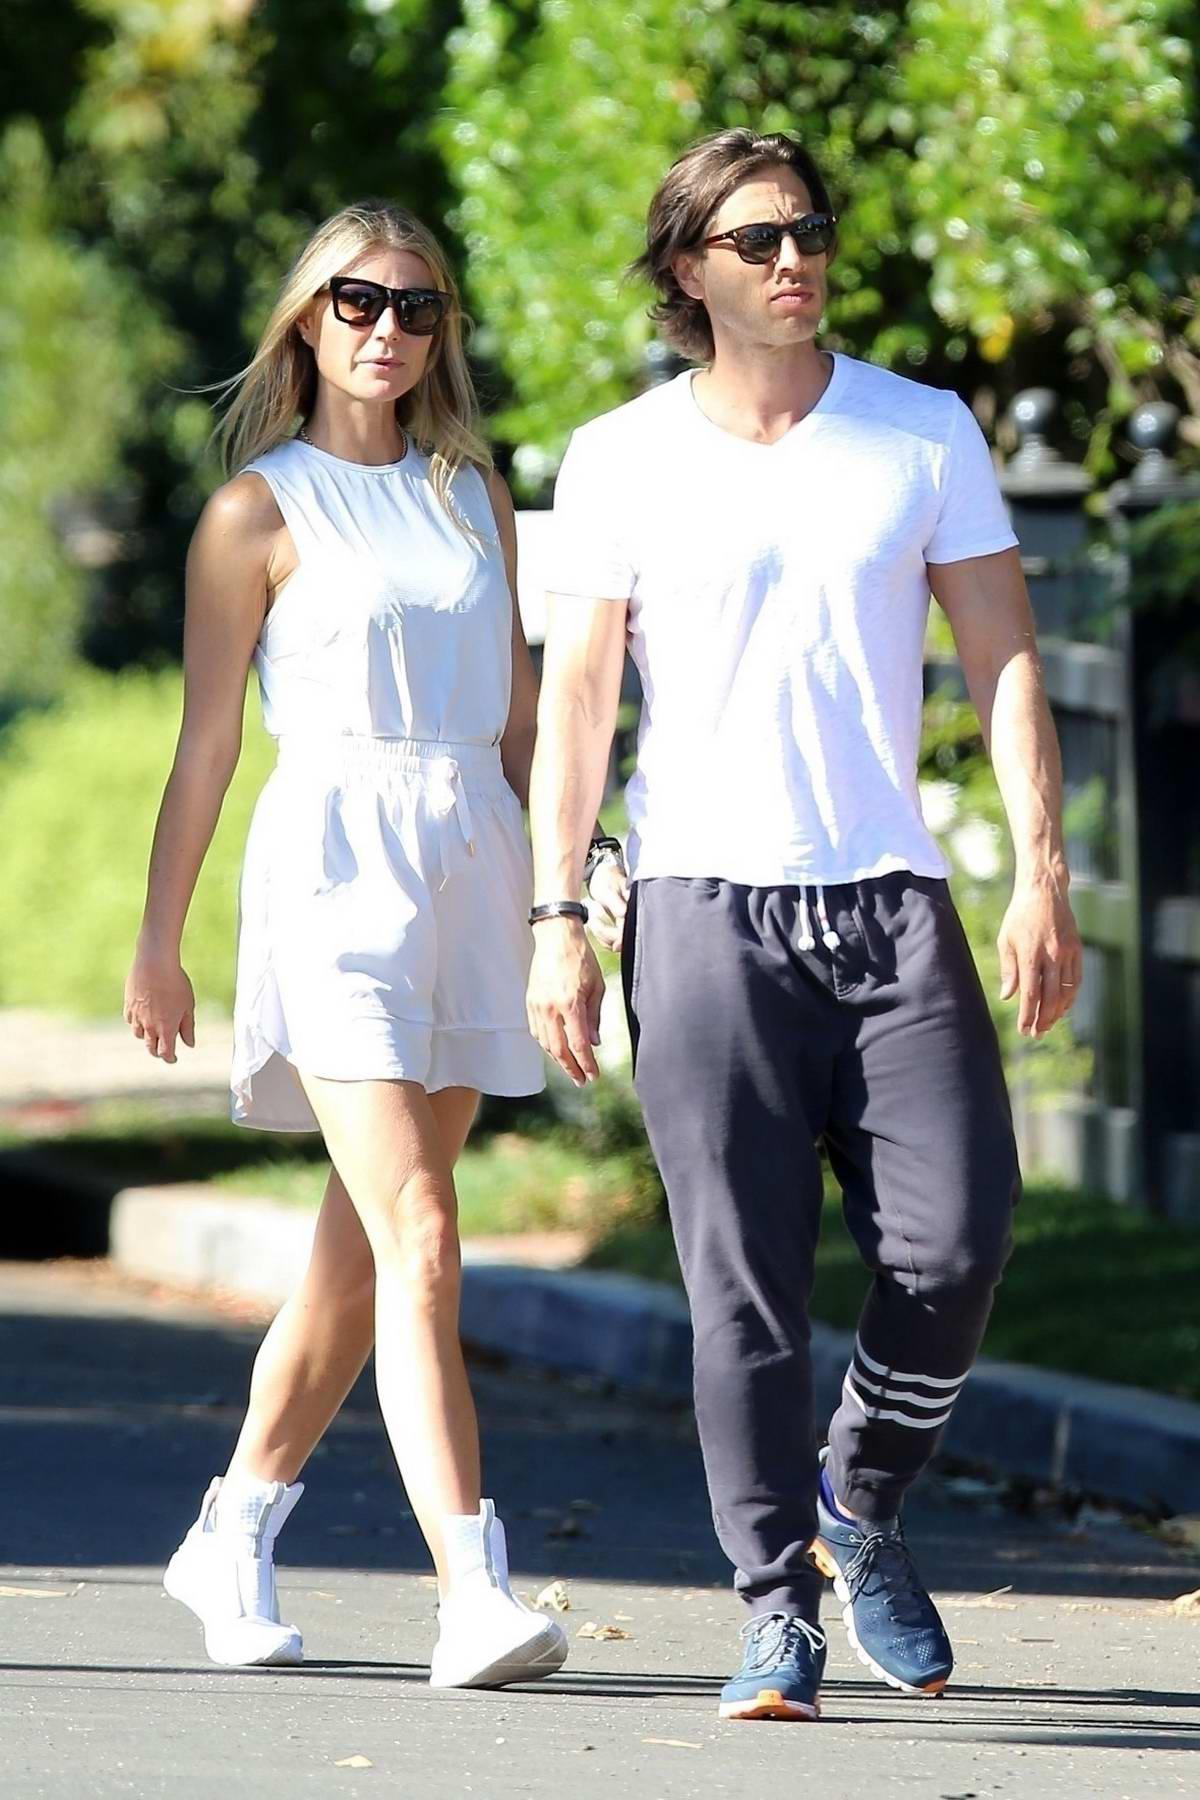 Gwyneth Paltrow and husband Brad Falchuk enjoys a romantic stroll in Santa Monica, California